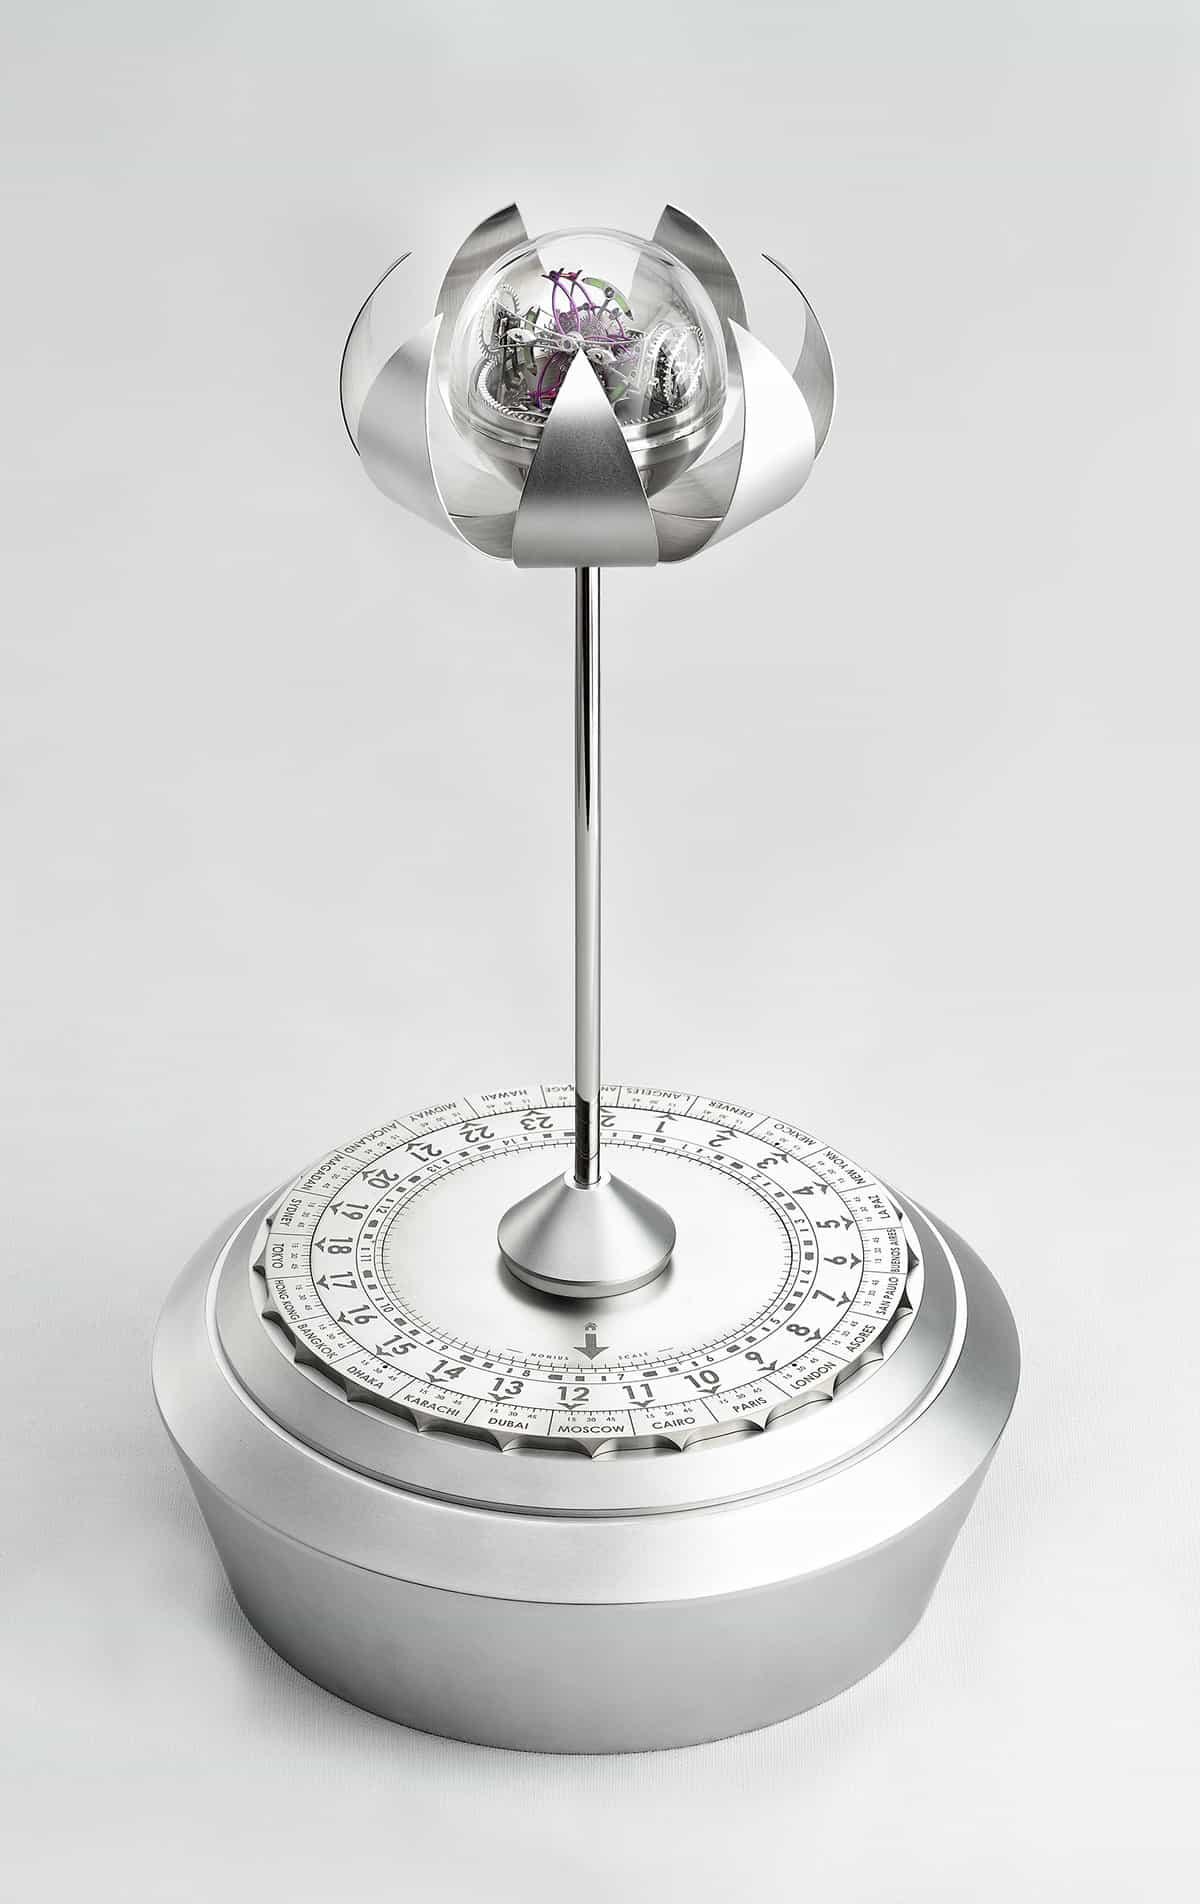 Anton Suhanov Lotus clock 2